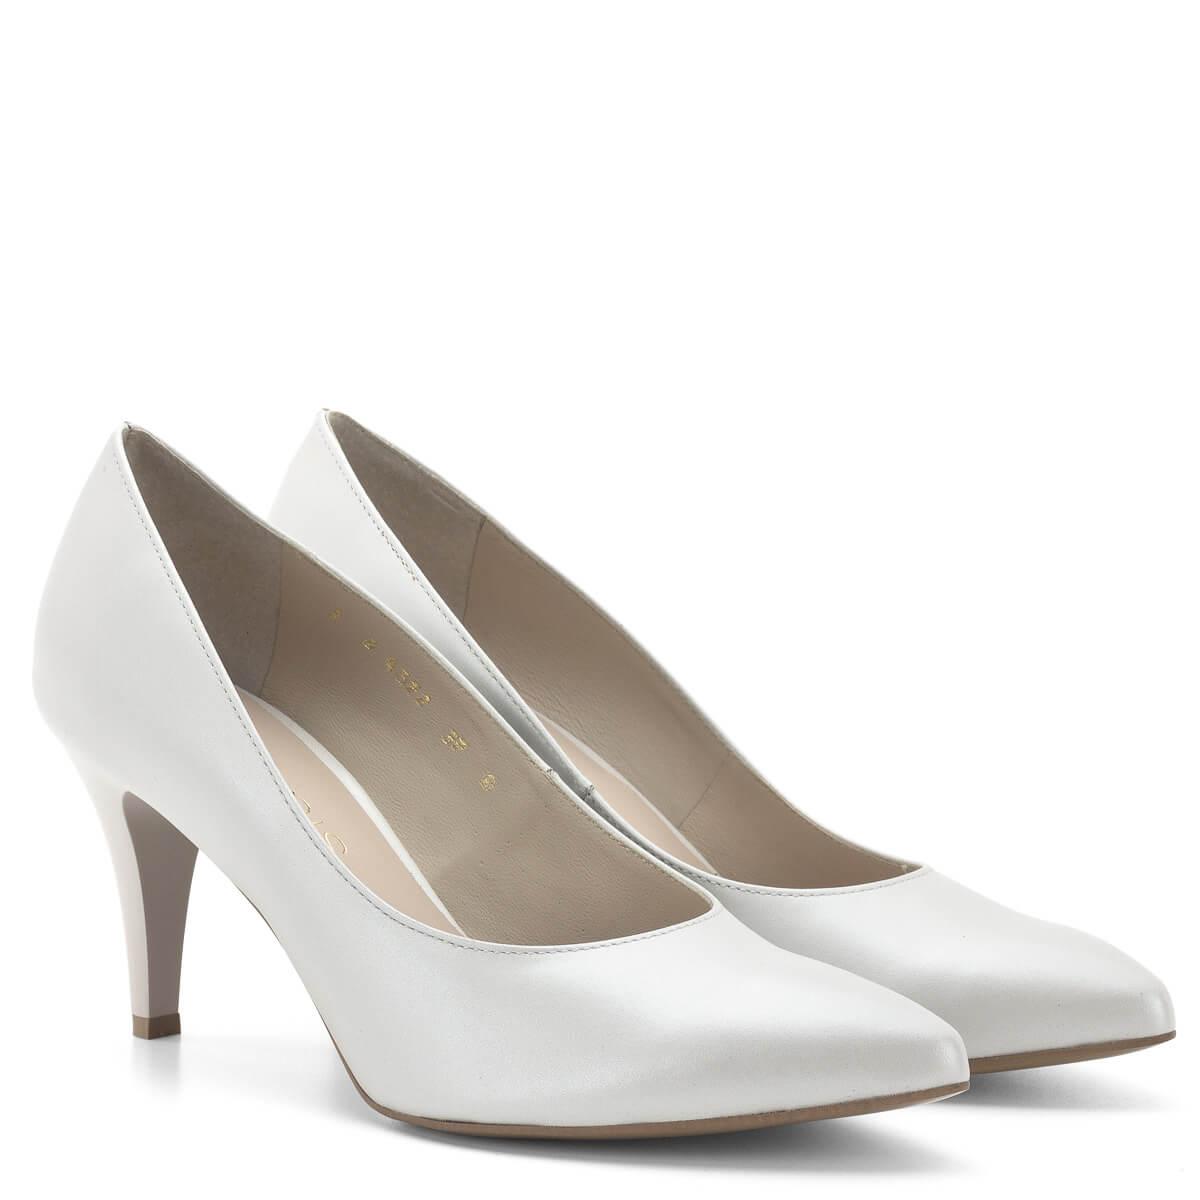 ae49a4ce44 Női cipők online - Márkás női cipők a ChiX Női Cipő Webáruházban